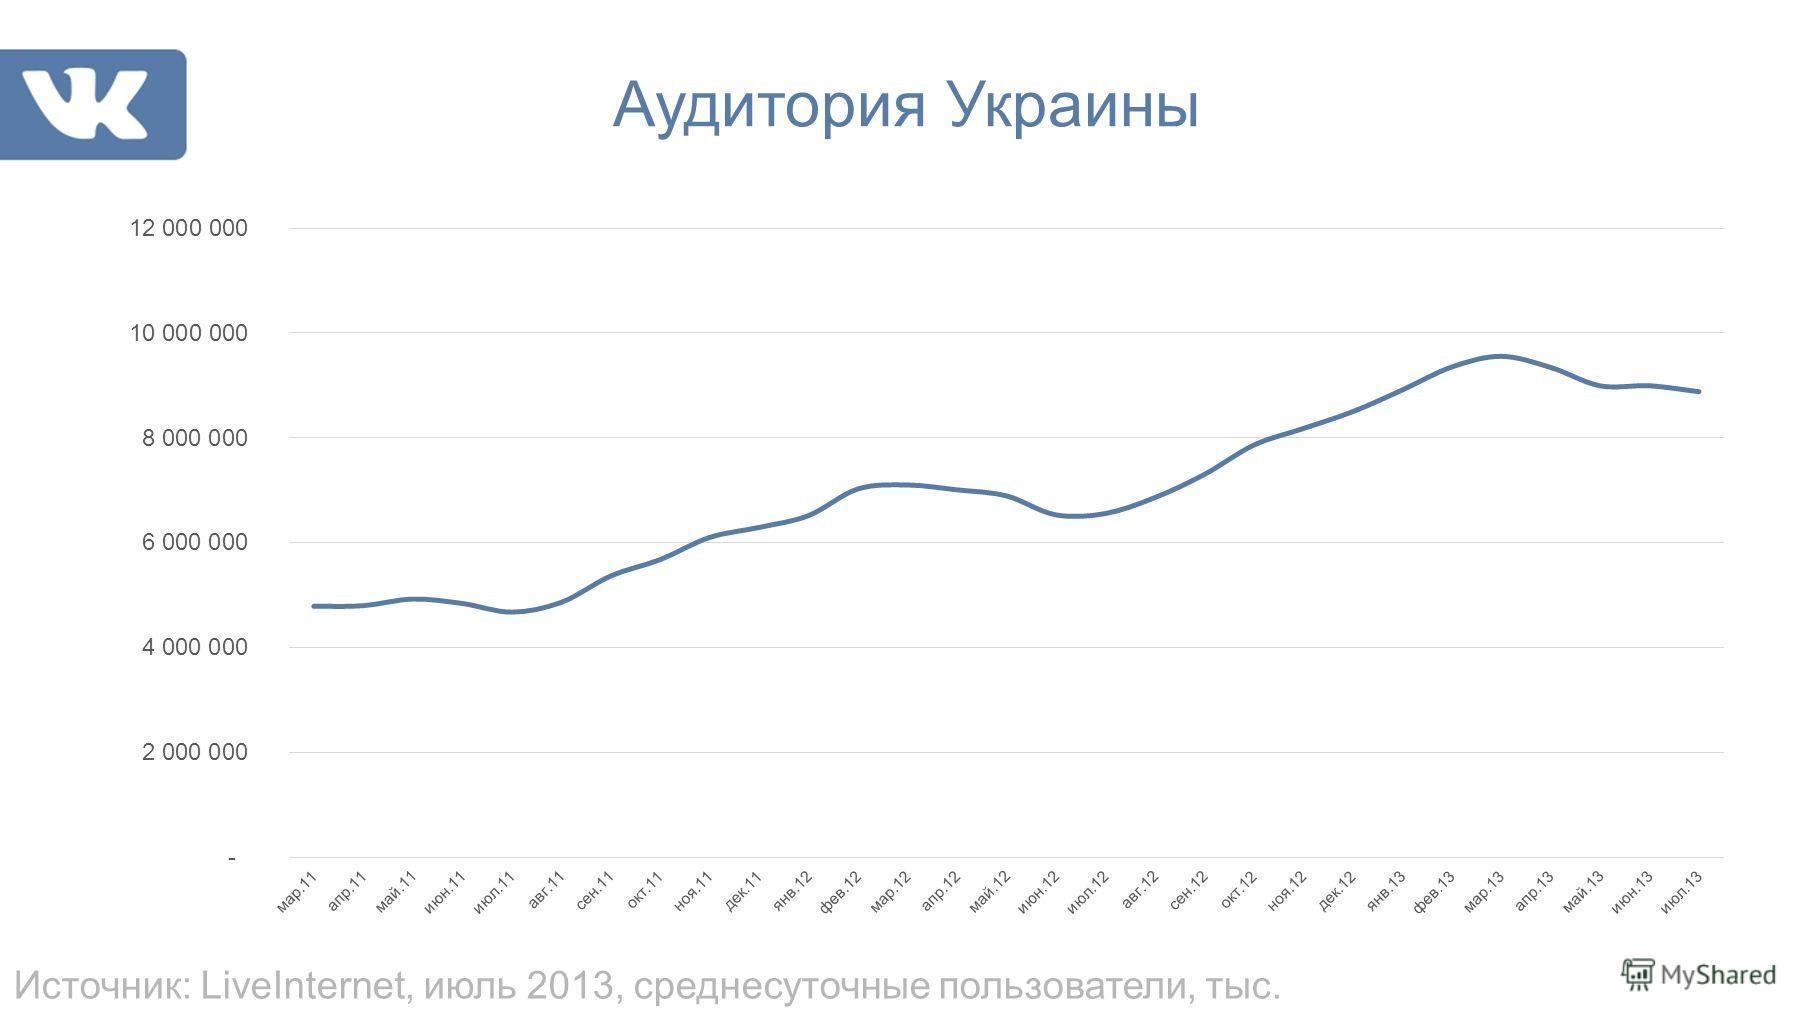 Аудитория Украины Источник: LiveInternet, июль 2013, среднесуточные пользователи, тыс.